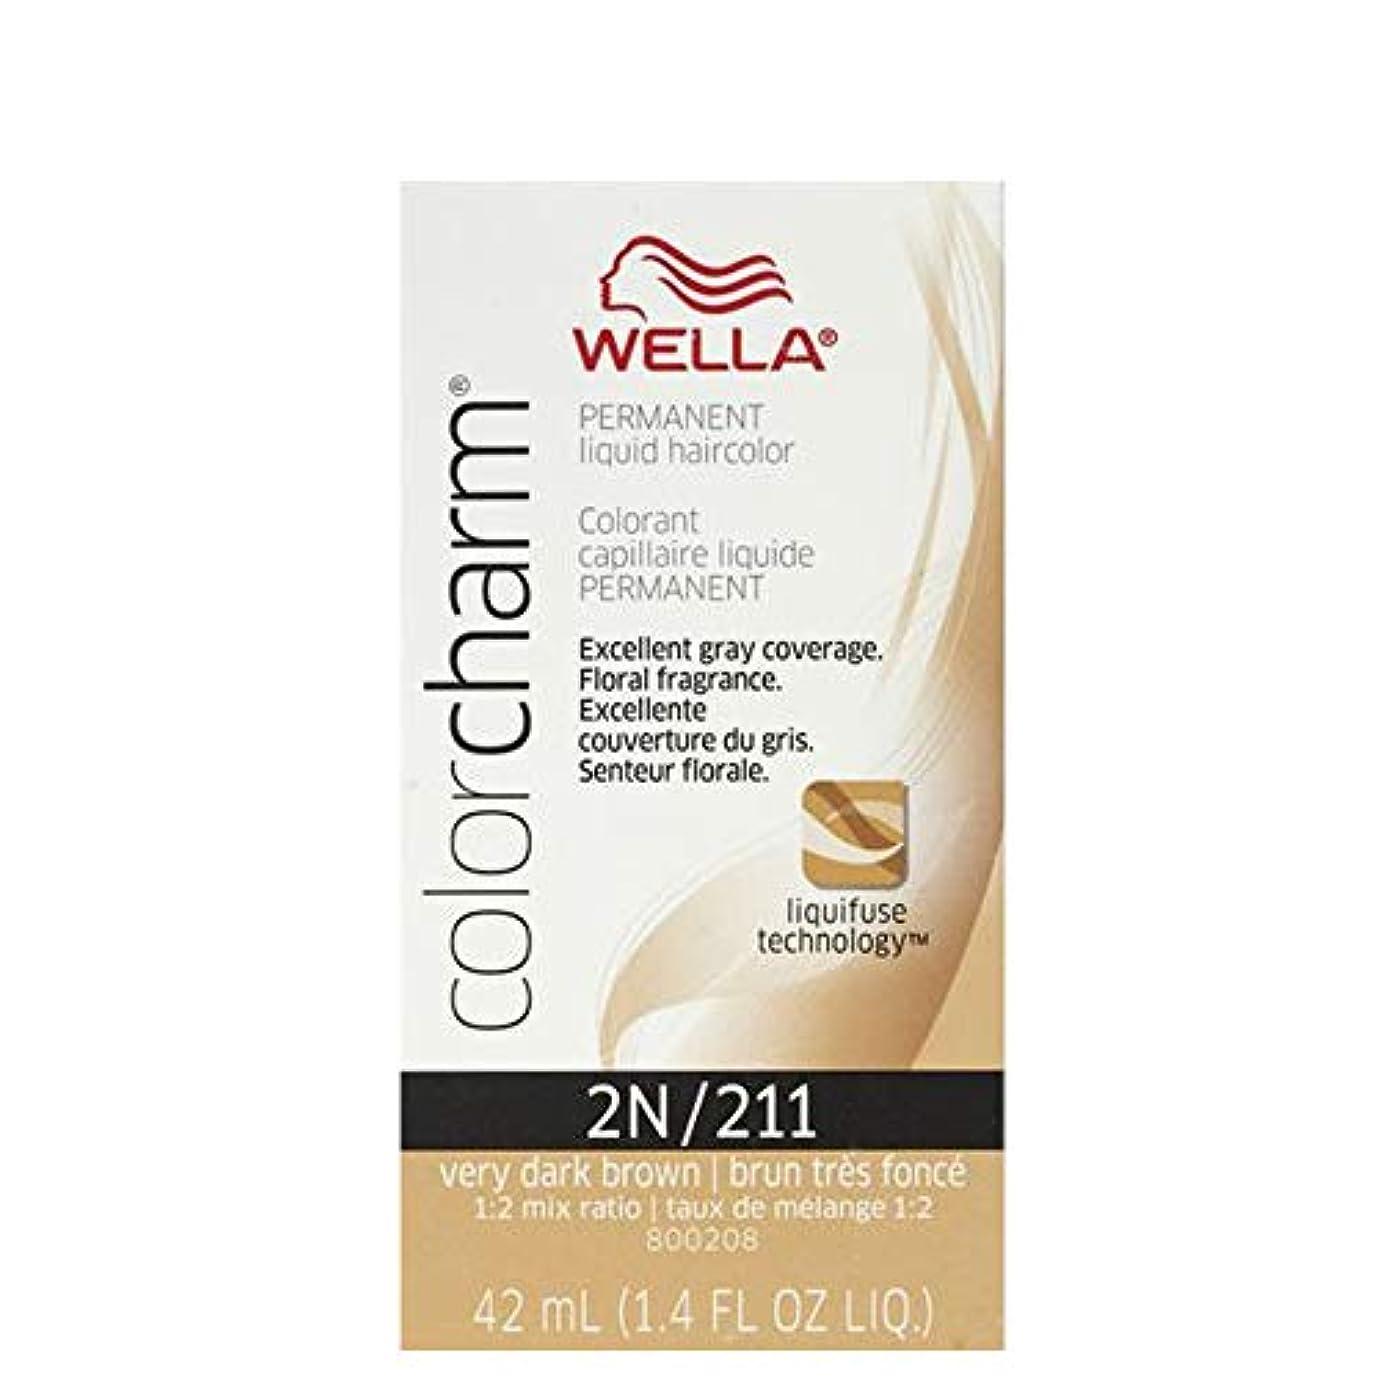 ひねくれたクリック認知Wella 非常にダークブラウン色のチャーム液体パーマネントヘアカラー